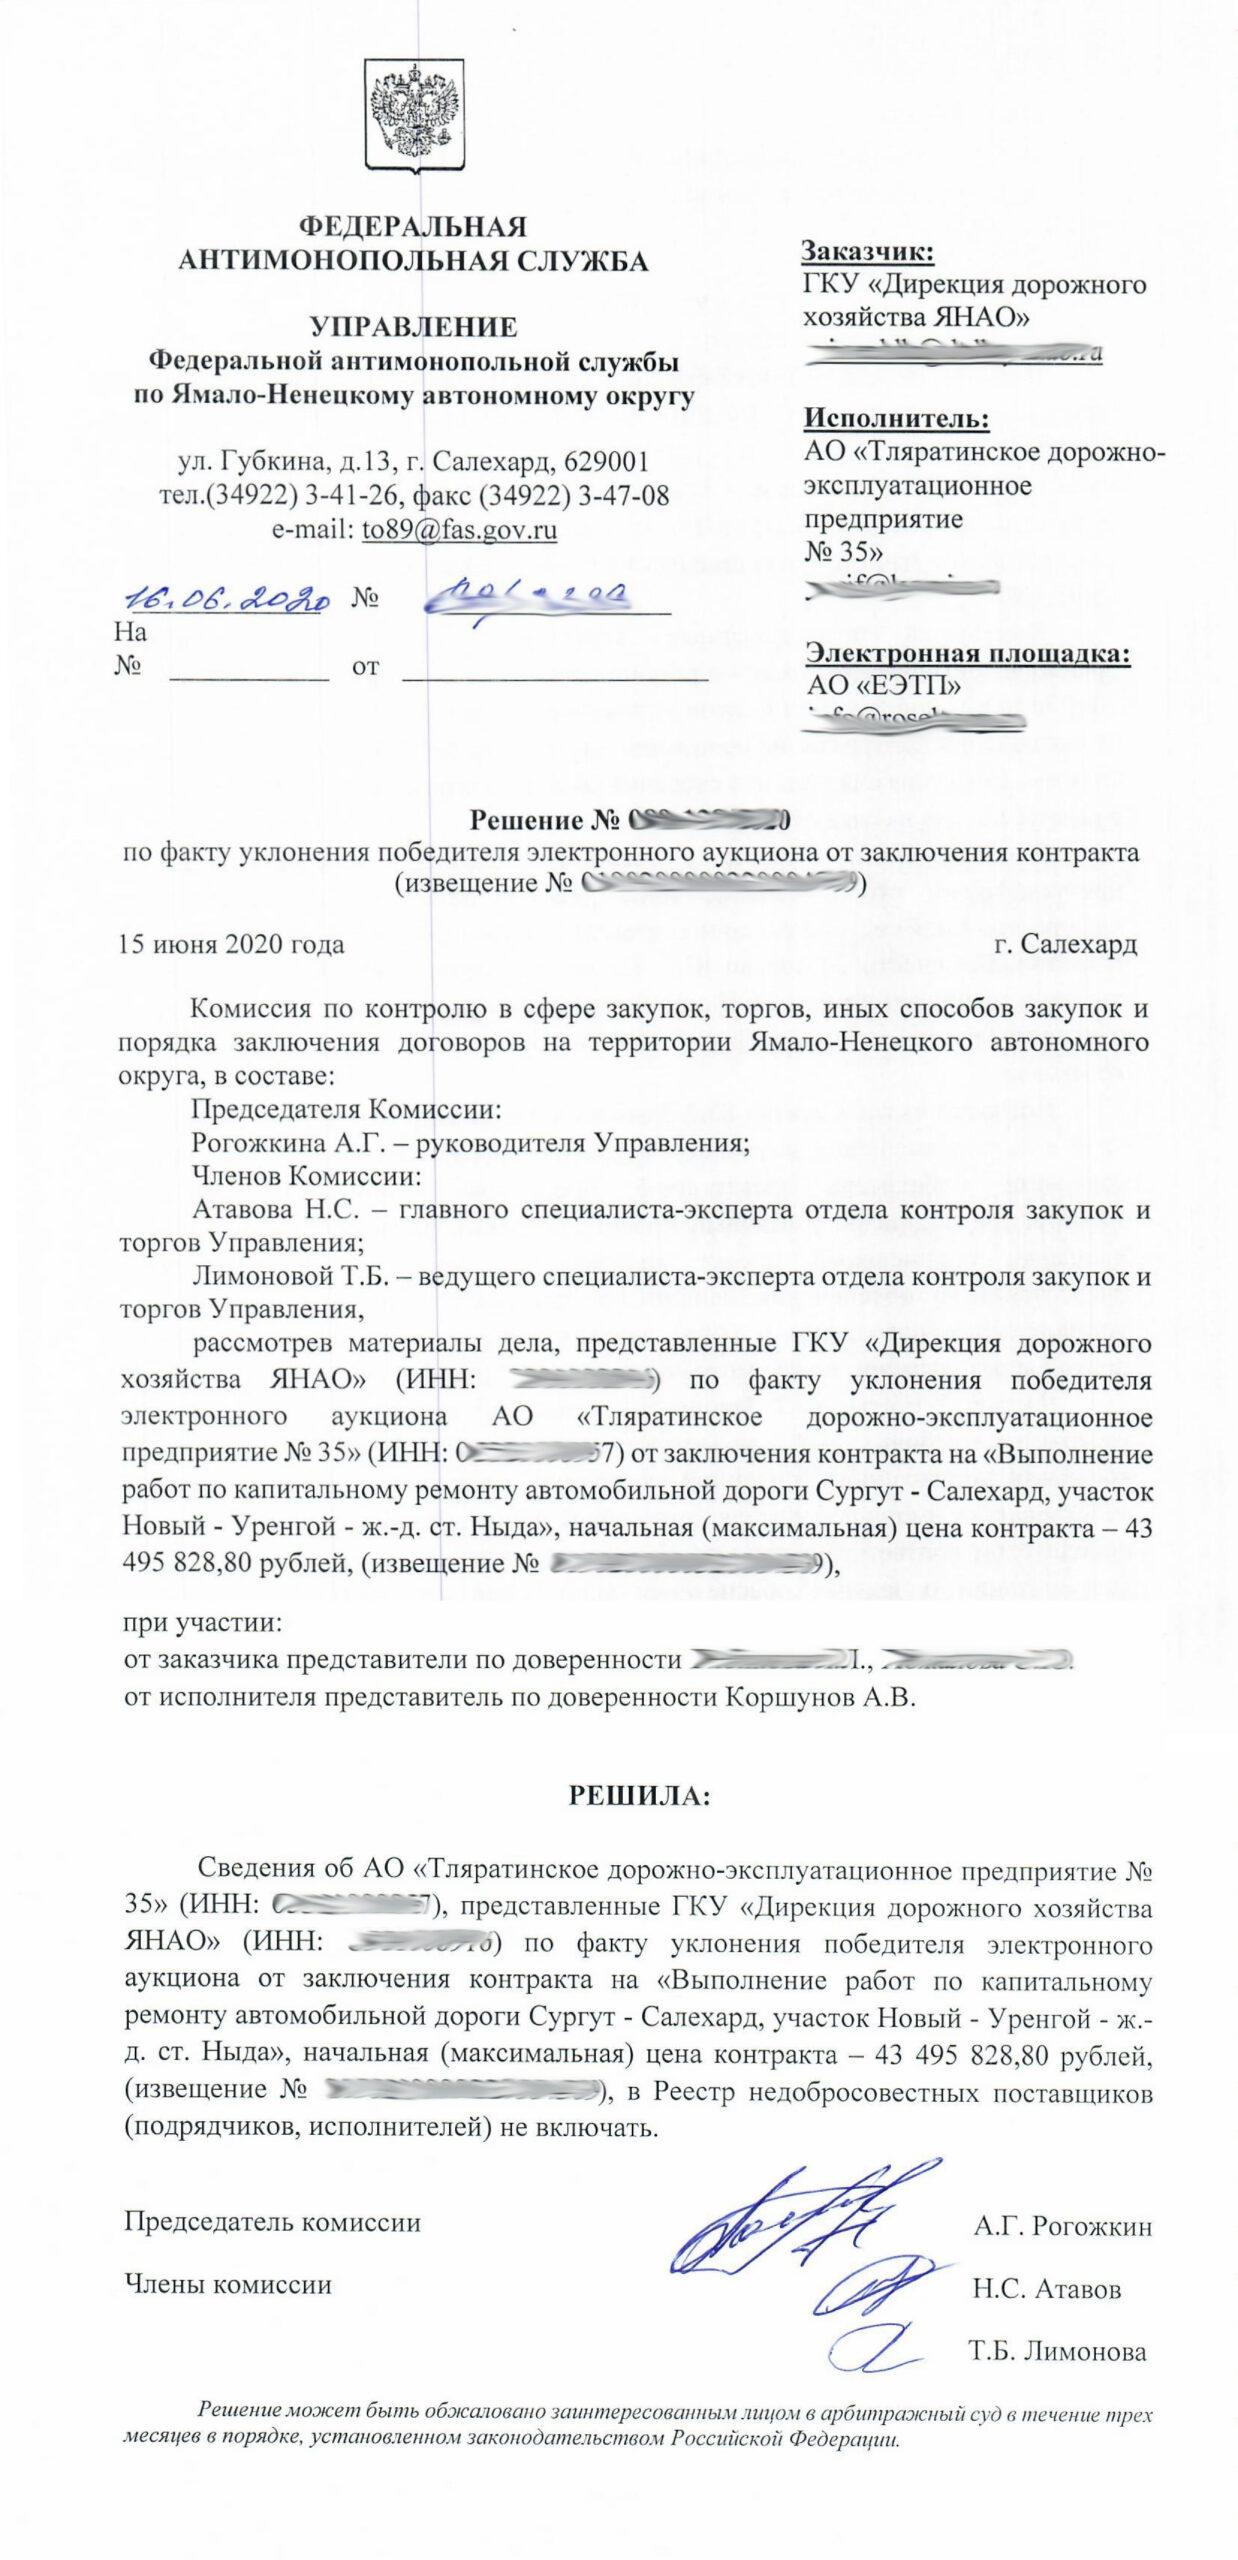 УФАС ЯНАО АО Тляратинское ДЭП35